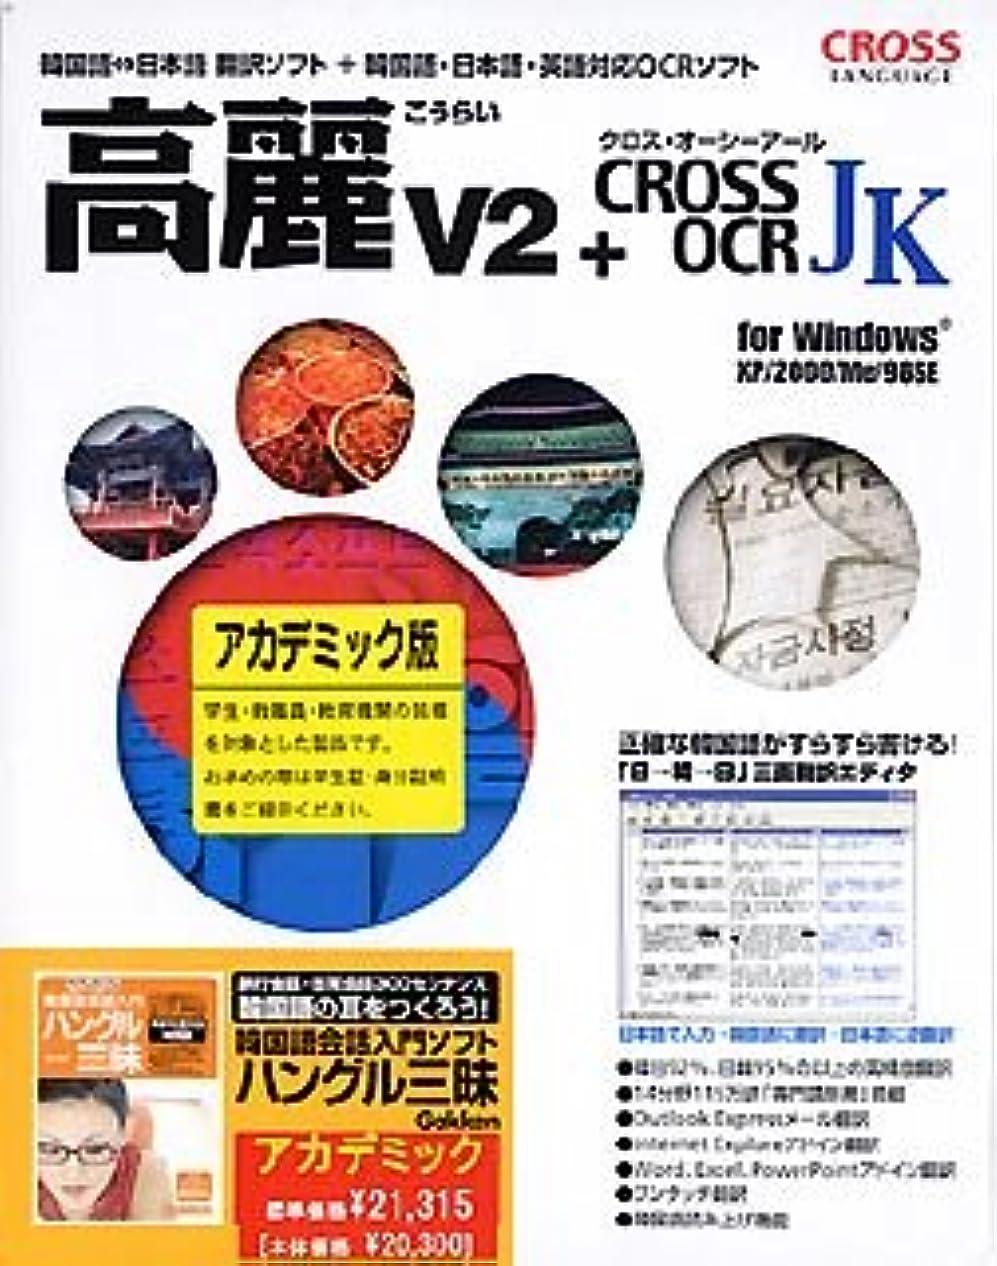 ヘルパー配管単語高麗 V2 + Cross OCR JK ハングル三昧ボーナスパック アカデミック for Windows